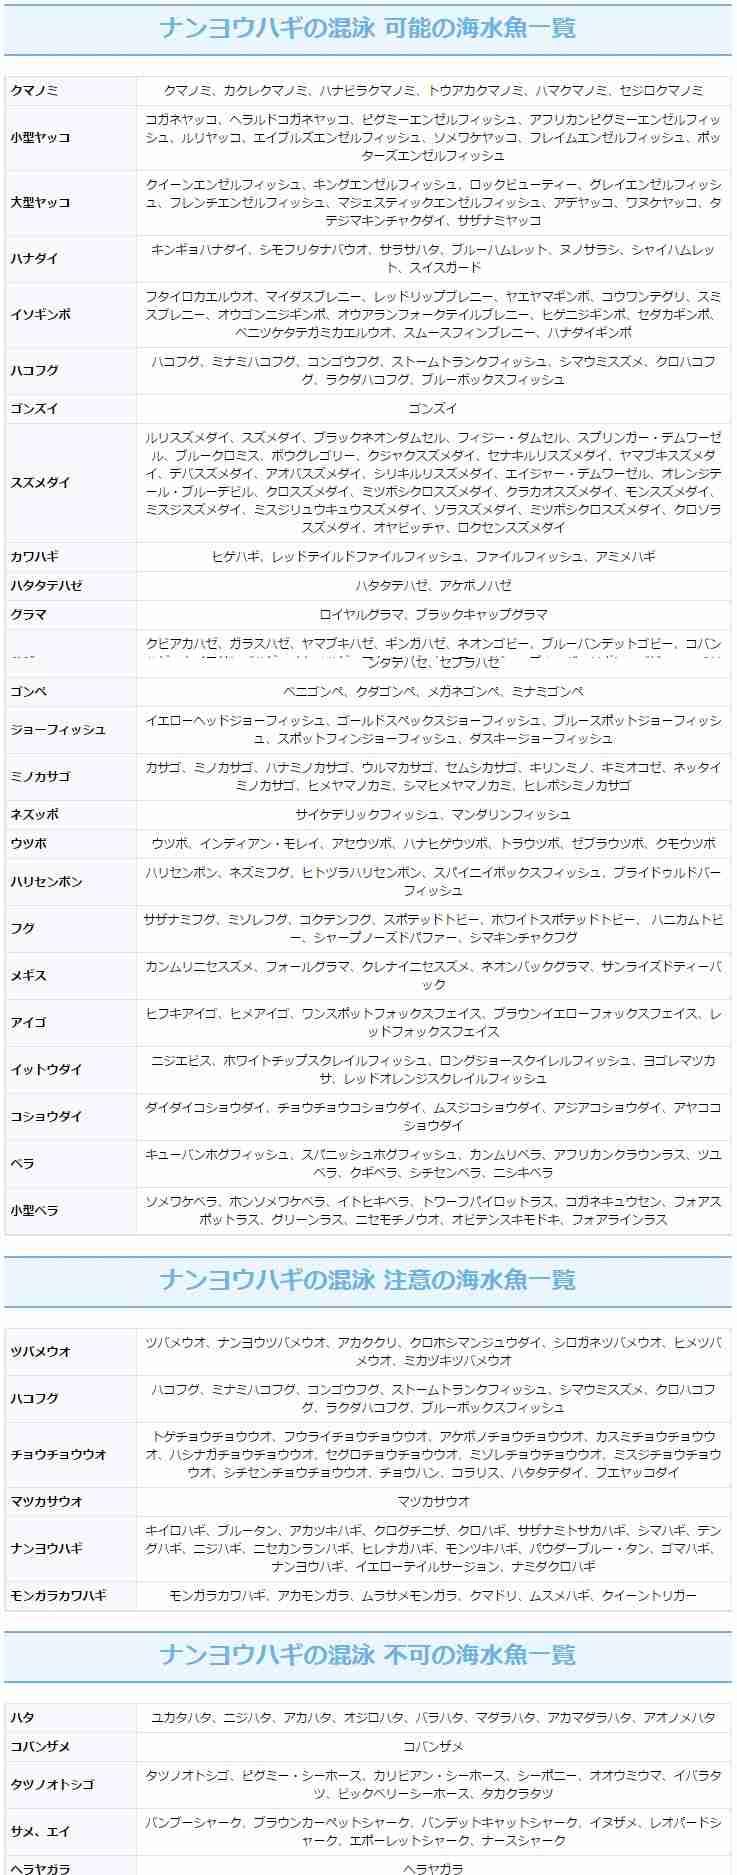 ナンヨウハギ(ニザダイ)の混泳表